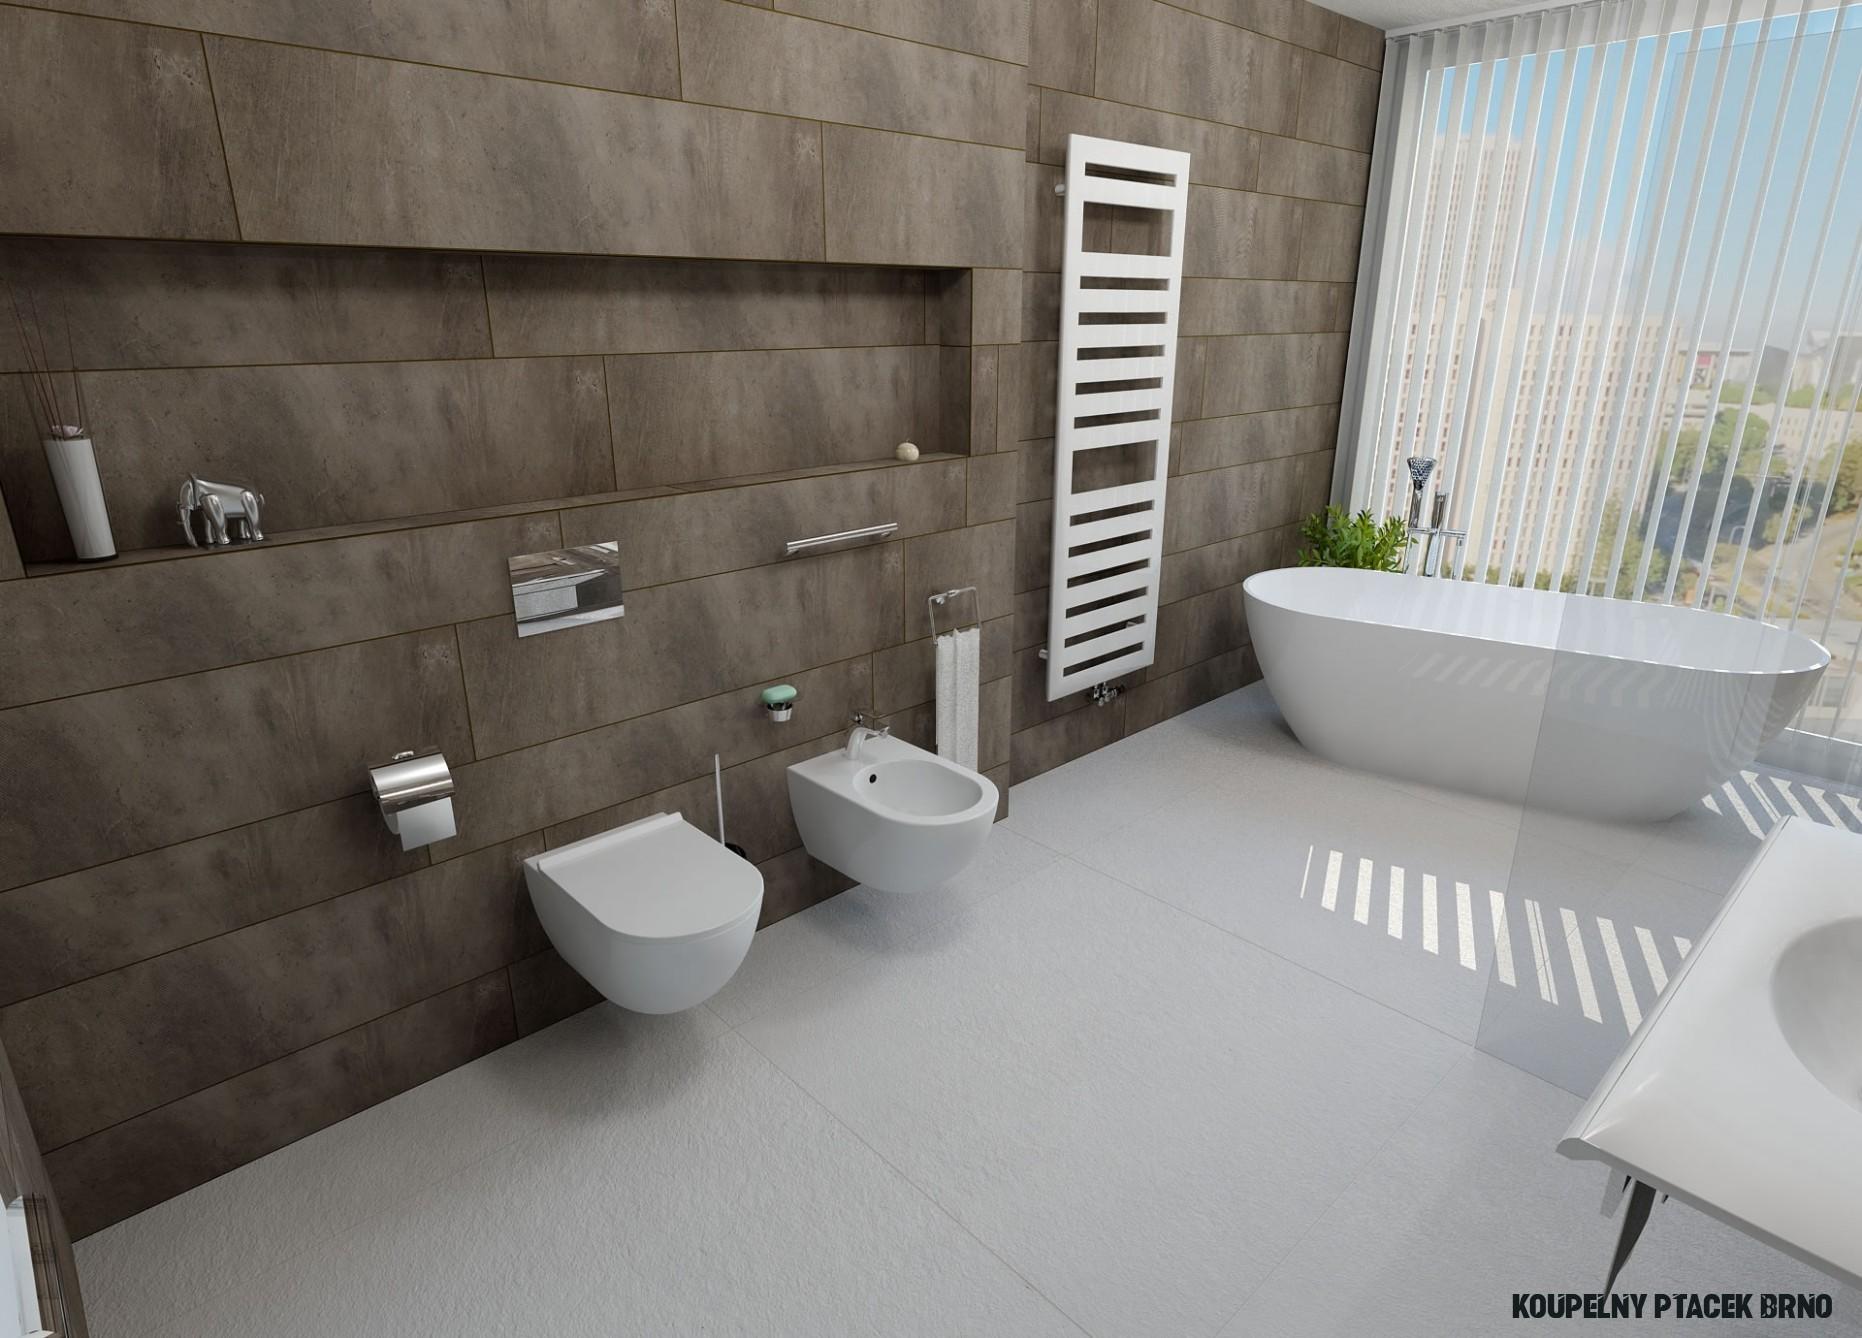 Inspirace pro koupelny - 18 nejlepších návrhů koupelen s